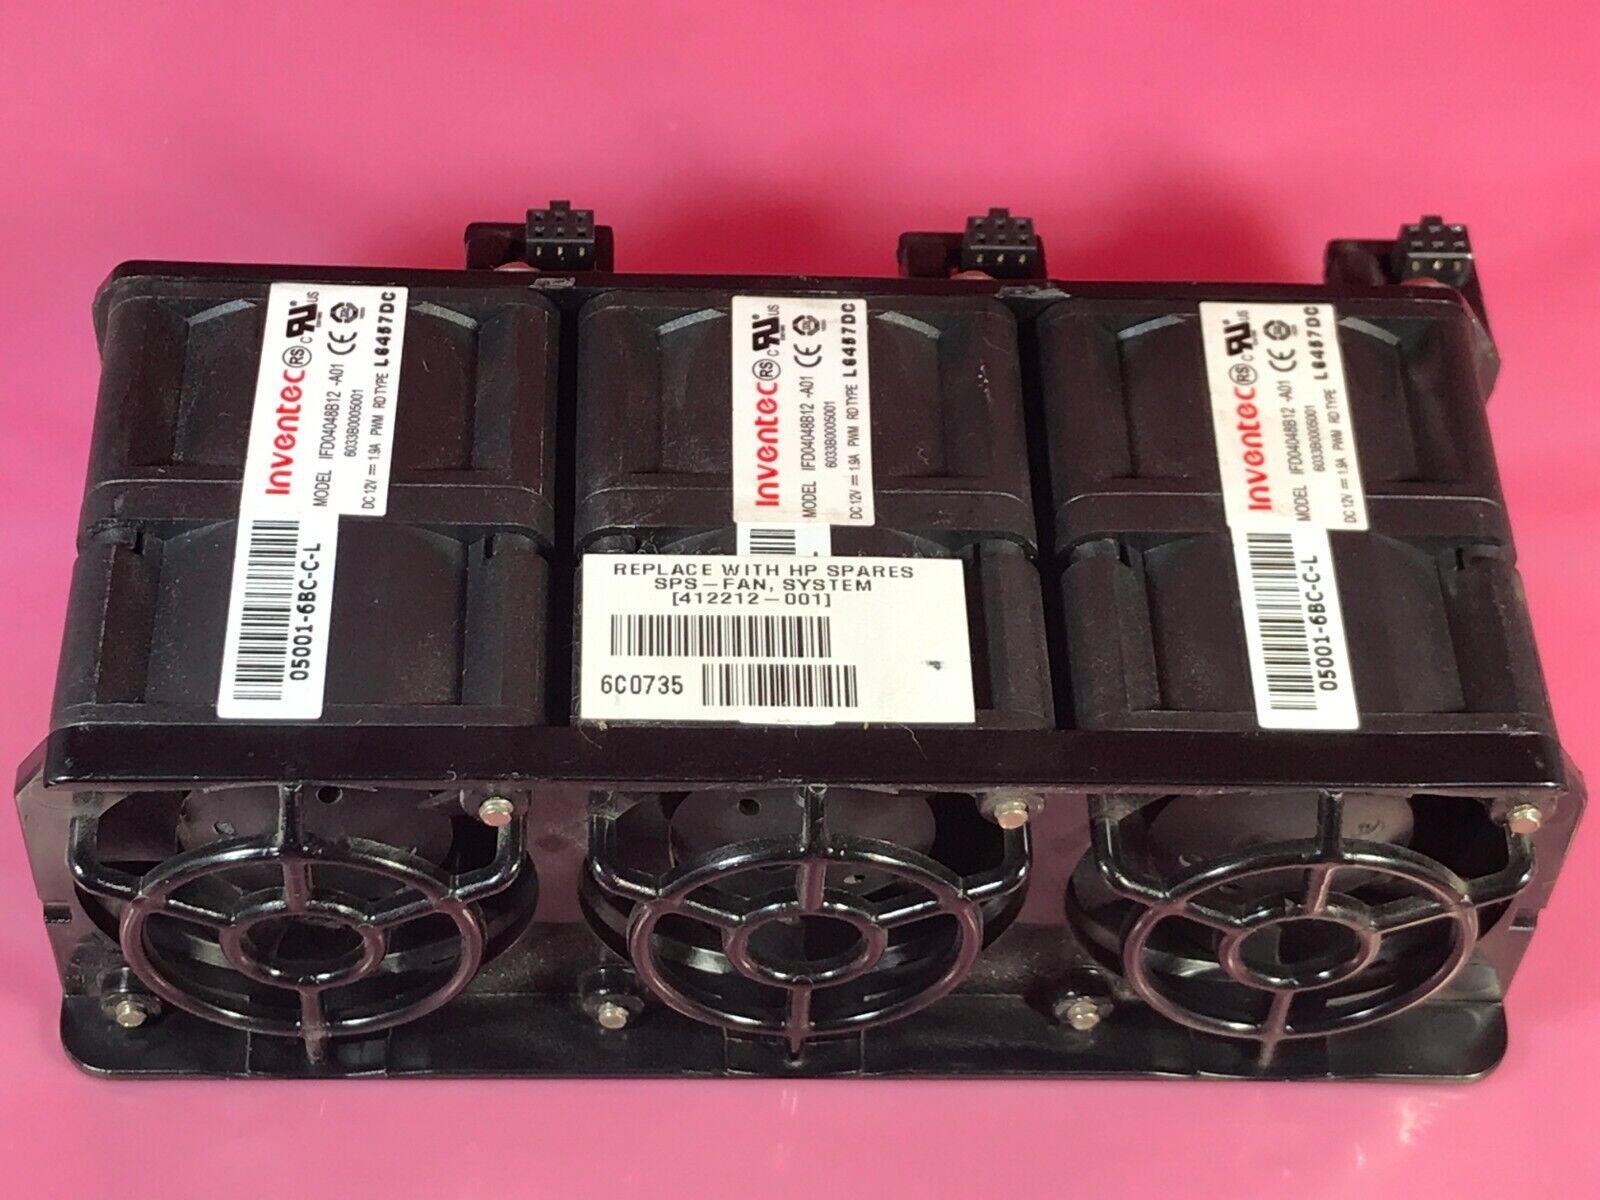 HP Server ProLiant DL360 G5 Server Fan 412212-001 IFD04048B12C-S05 Plus